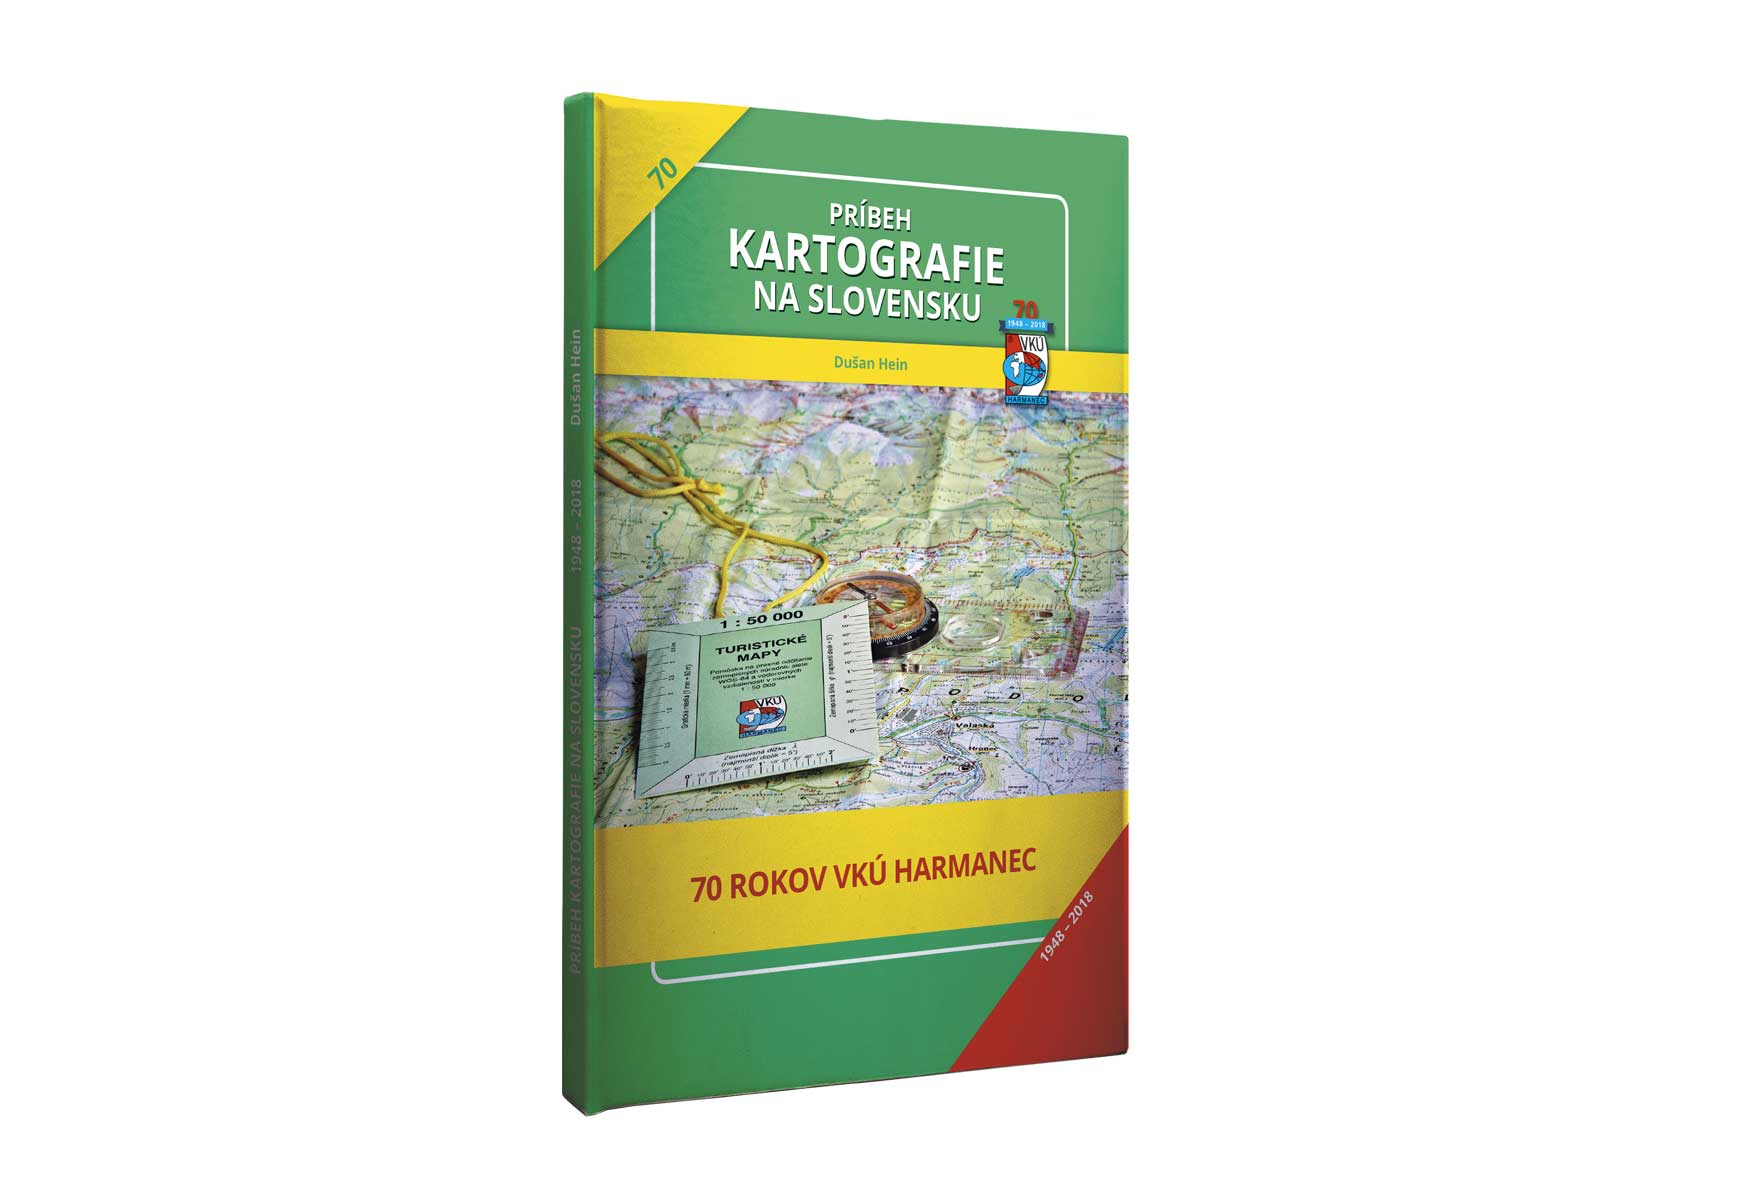 Príbeh kartografie na Slovensku, 70. rokov VKÚ Harmanec